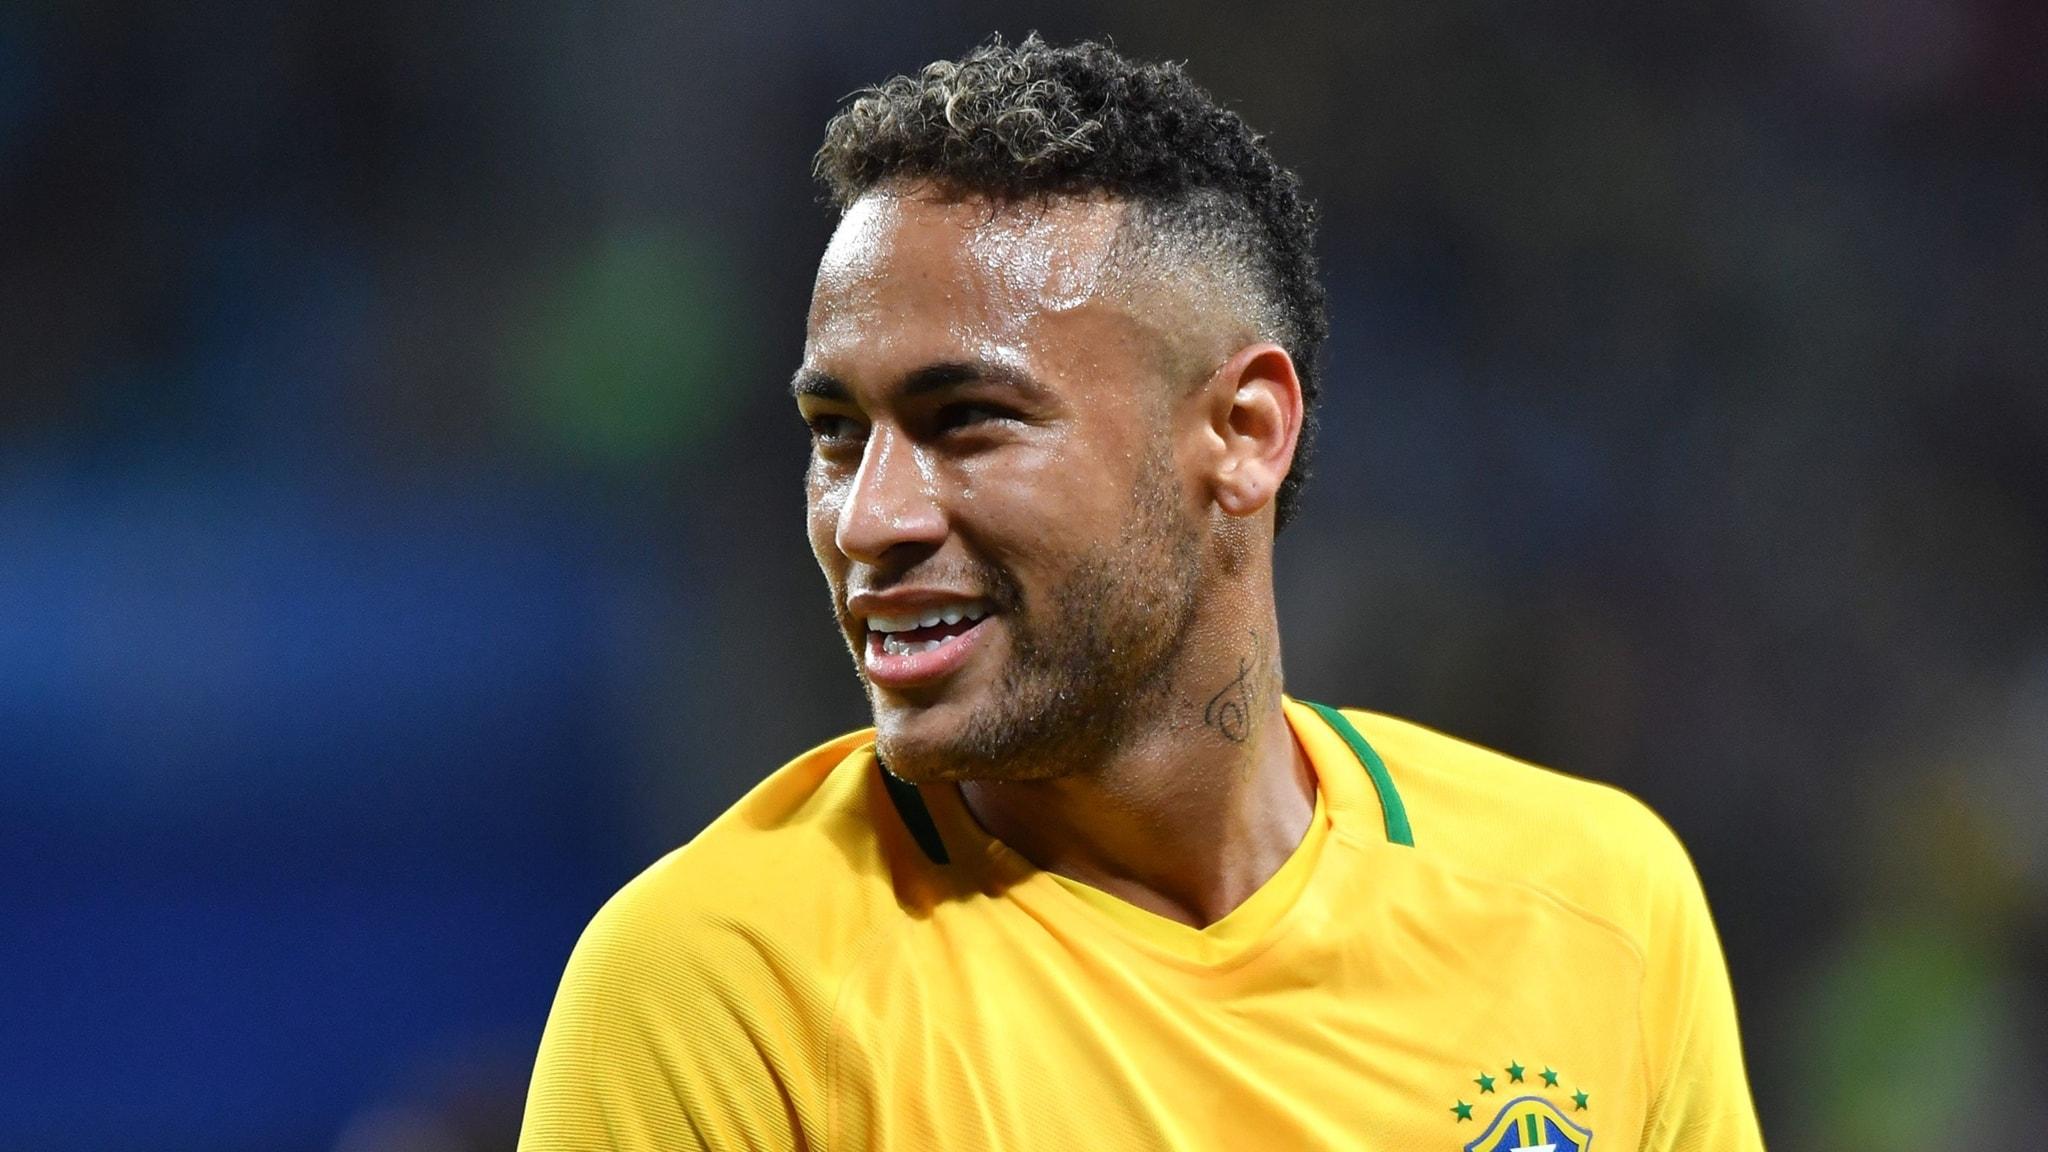 Är fotbollsspelaren Neymar värd två miljarder kronor?